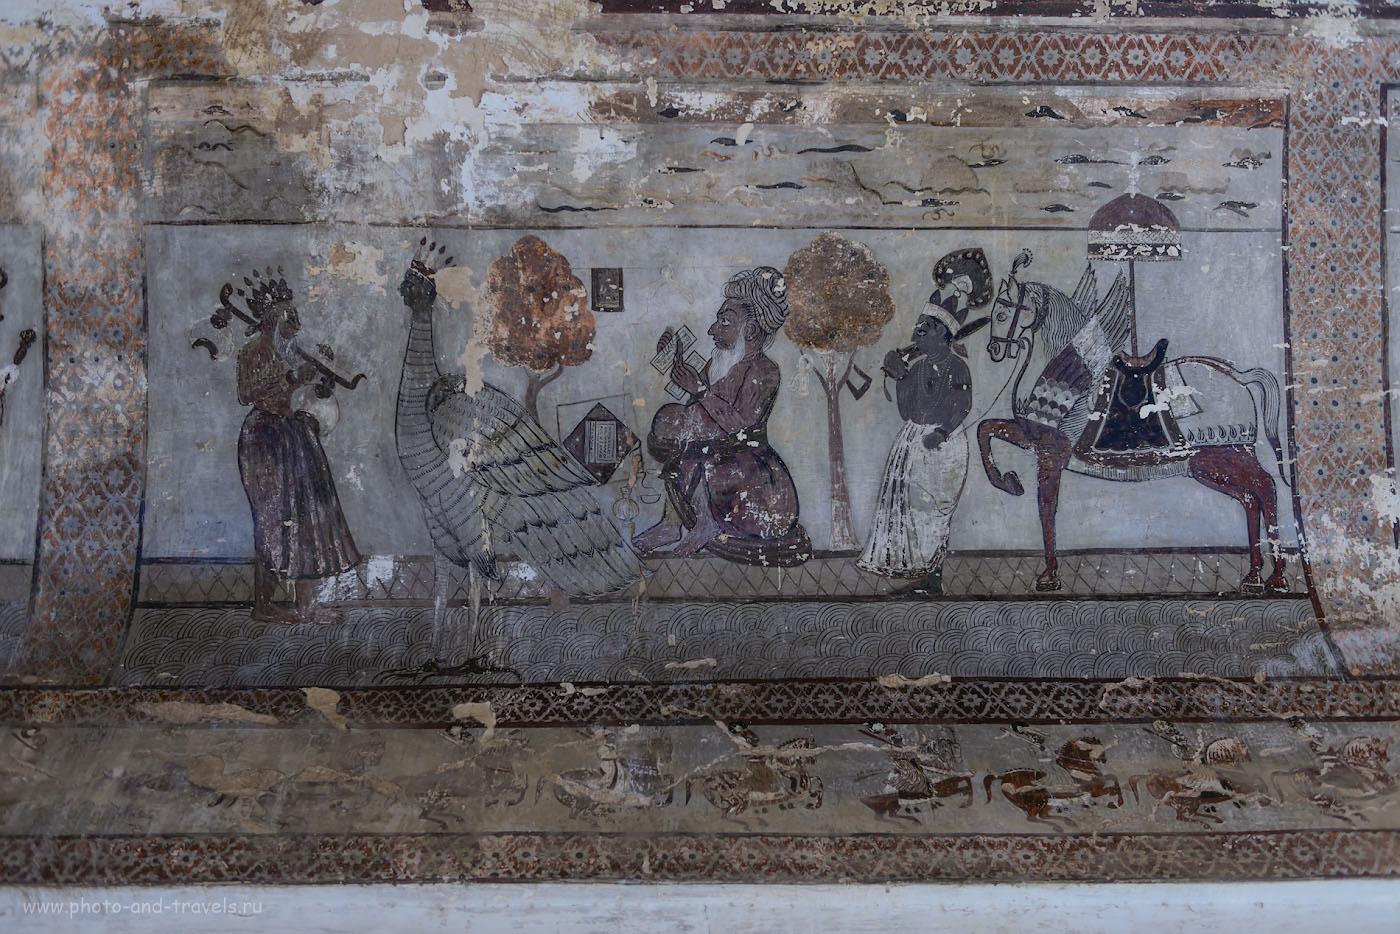 Фотография 28. Сцены из индийских эпосов на средневековых фресках во дворце Радж-Махал. Отзыв о самостоятельной поездке в Орчху.